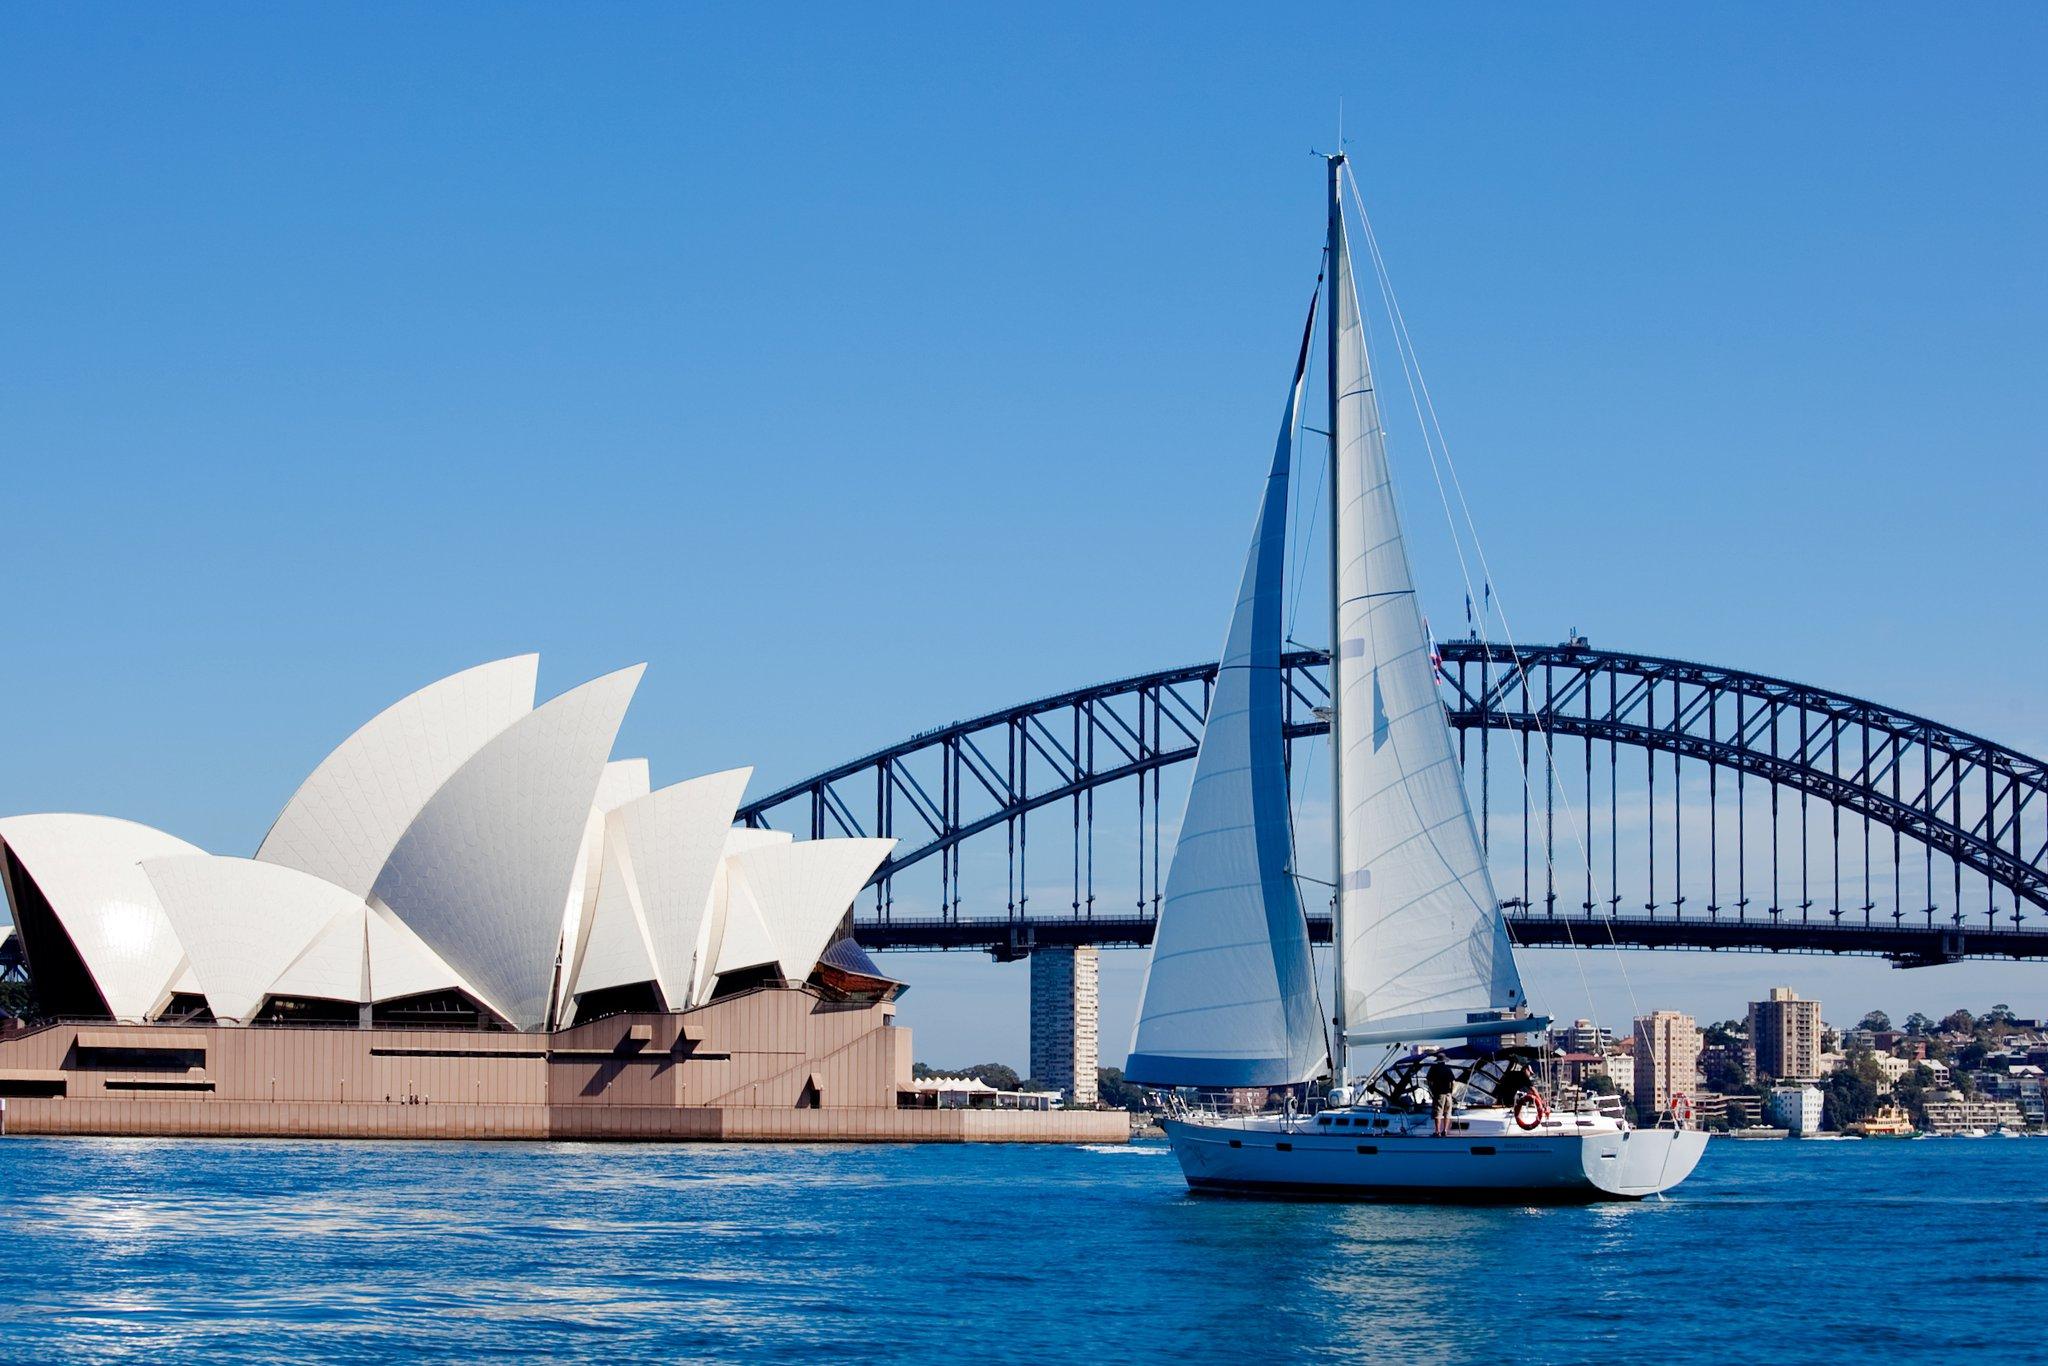 Sydney sydney new south whales australia 32662736 2048 1366 - Những điều vô giá nên trải nghiệm ở Úc